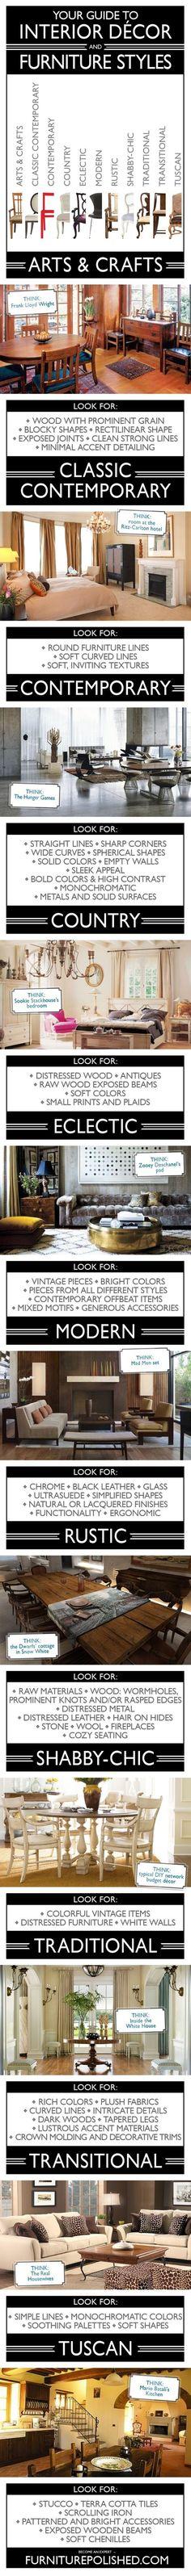 Guide to interior decor